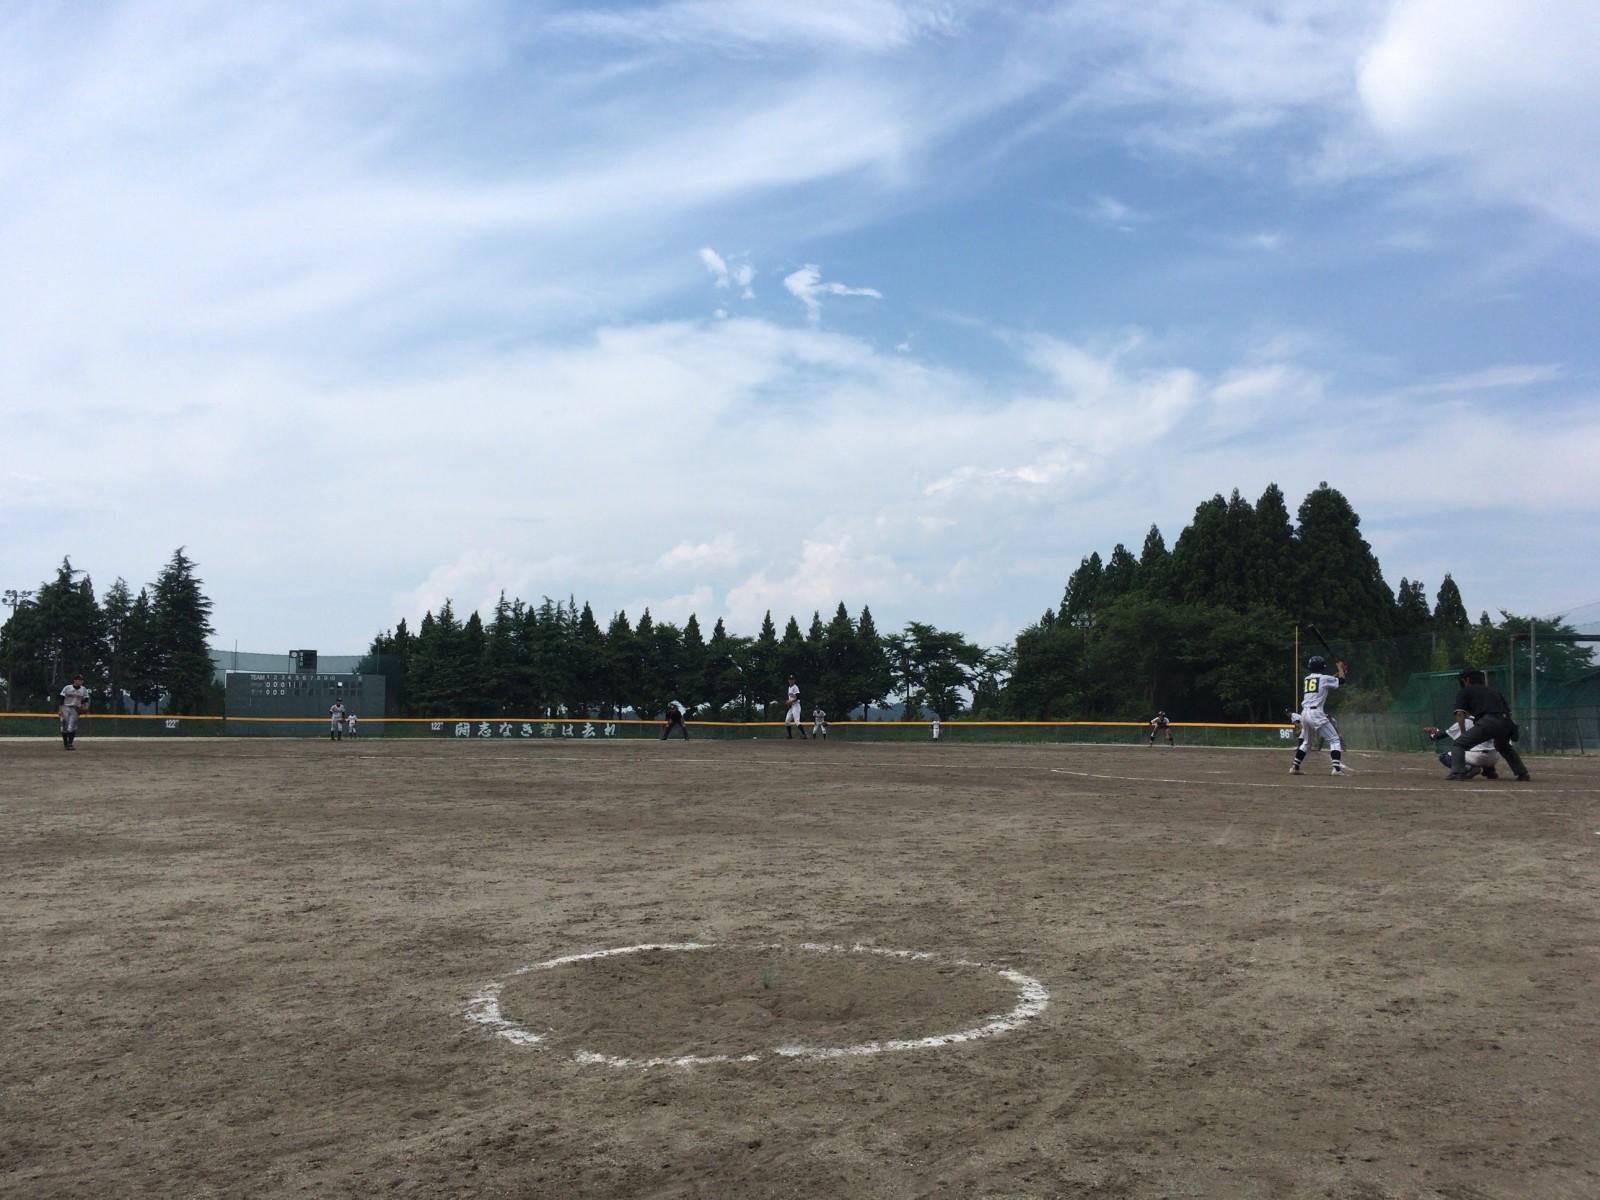 2017.07.15 第3回Future交流戦 1日目(Bブロック) 県央宇都宮ボーイズ戦